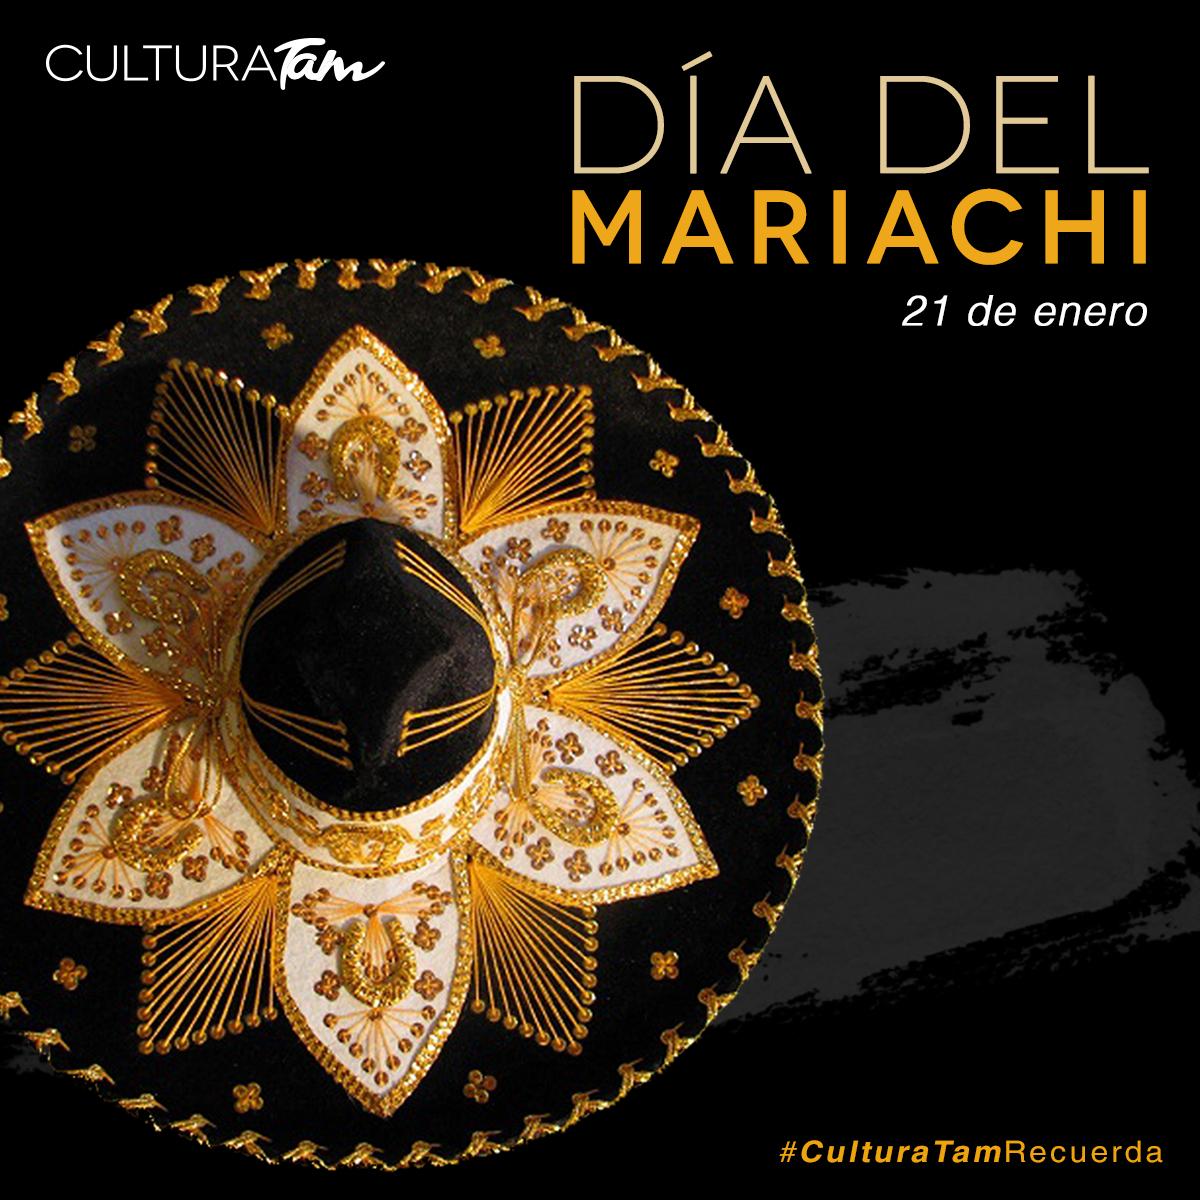 #CulturaTamRecuerdaAy, ay, ay, ay canta y no llores 🎶En el 2011 la @UNESCO declaró al mariachi Patrimonio Cultural Inmaterial de la Humanidad, por ser una expresión cultural que constituye parte importante de la identidad mexicana. ¡Feliz  #DíaDelMariachi! 🎉